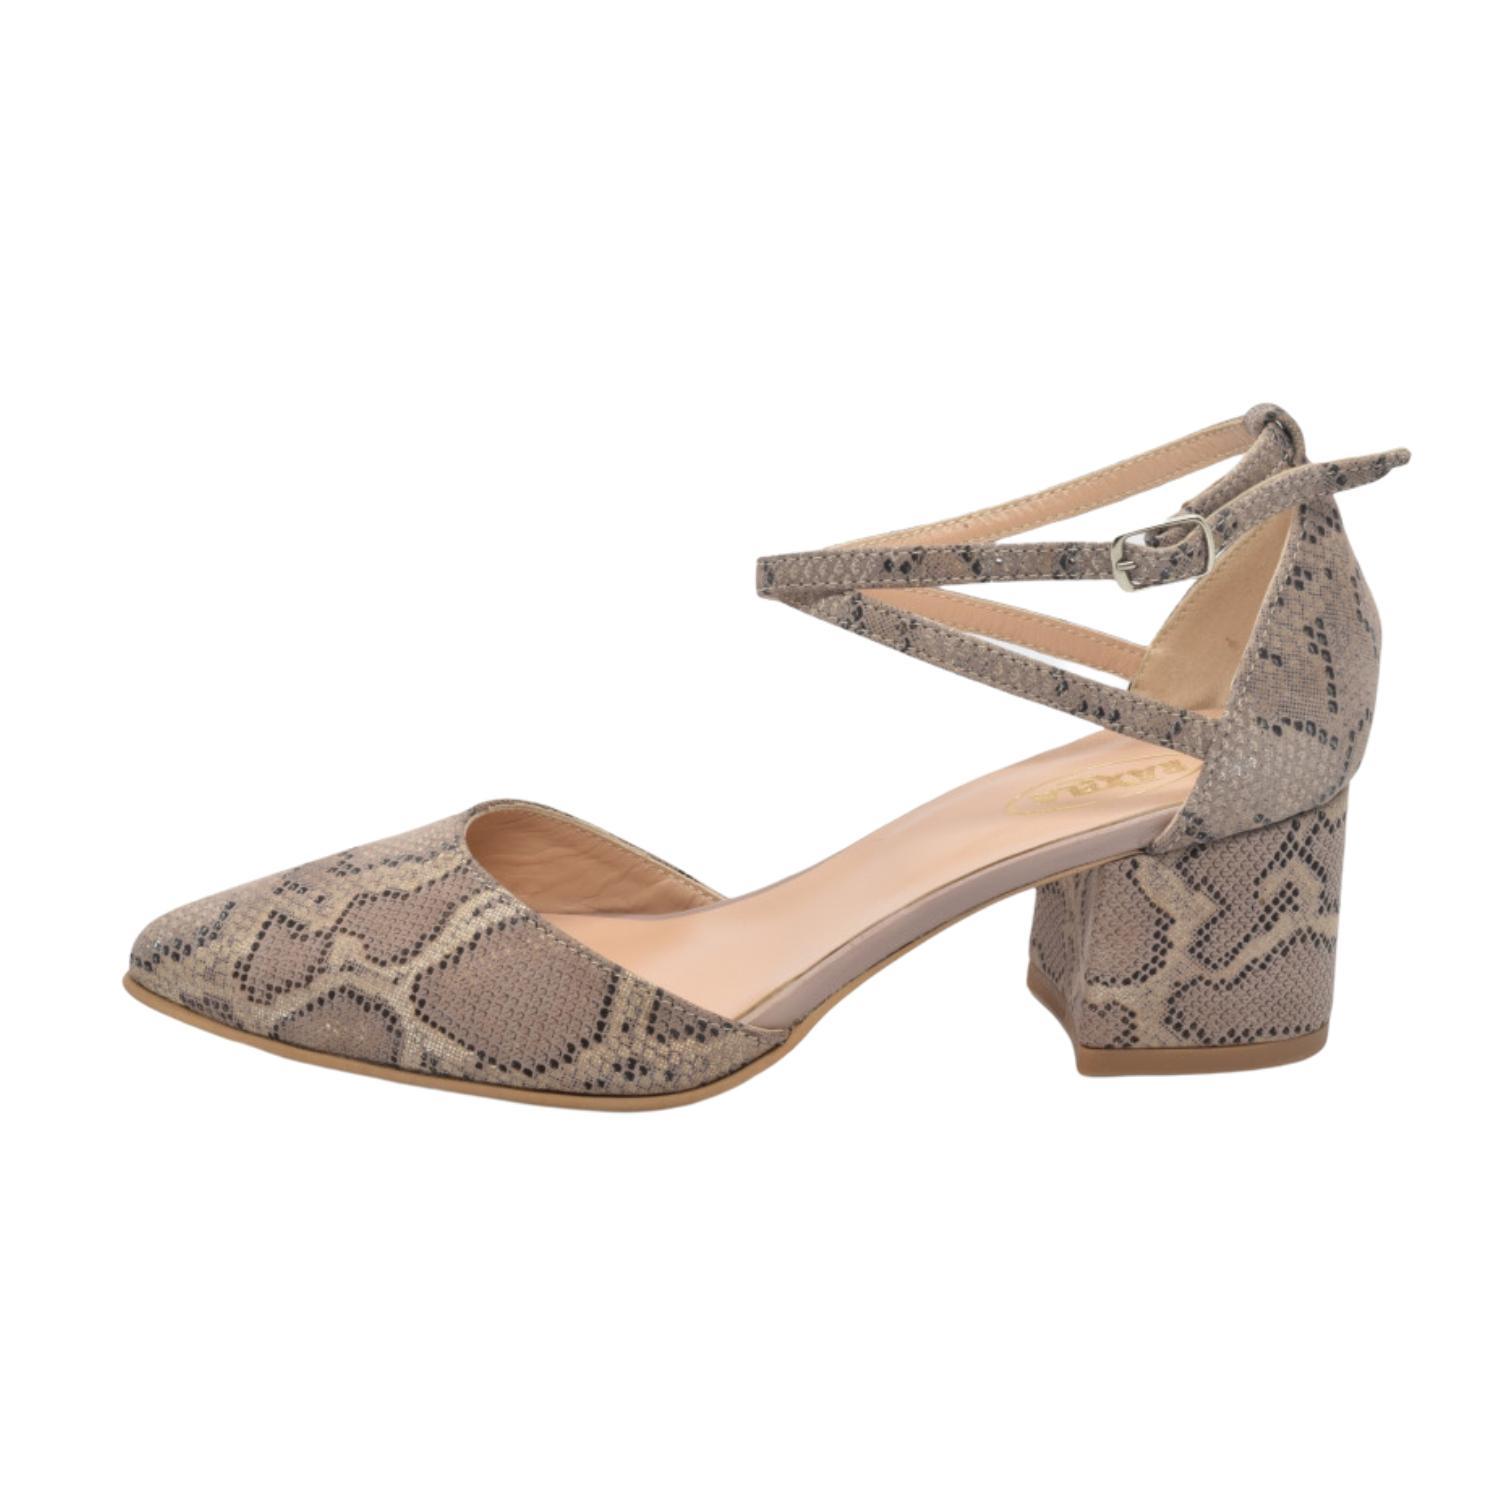 Pantofi decupati bej tip anaconda